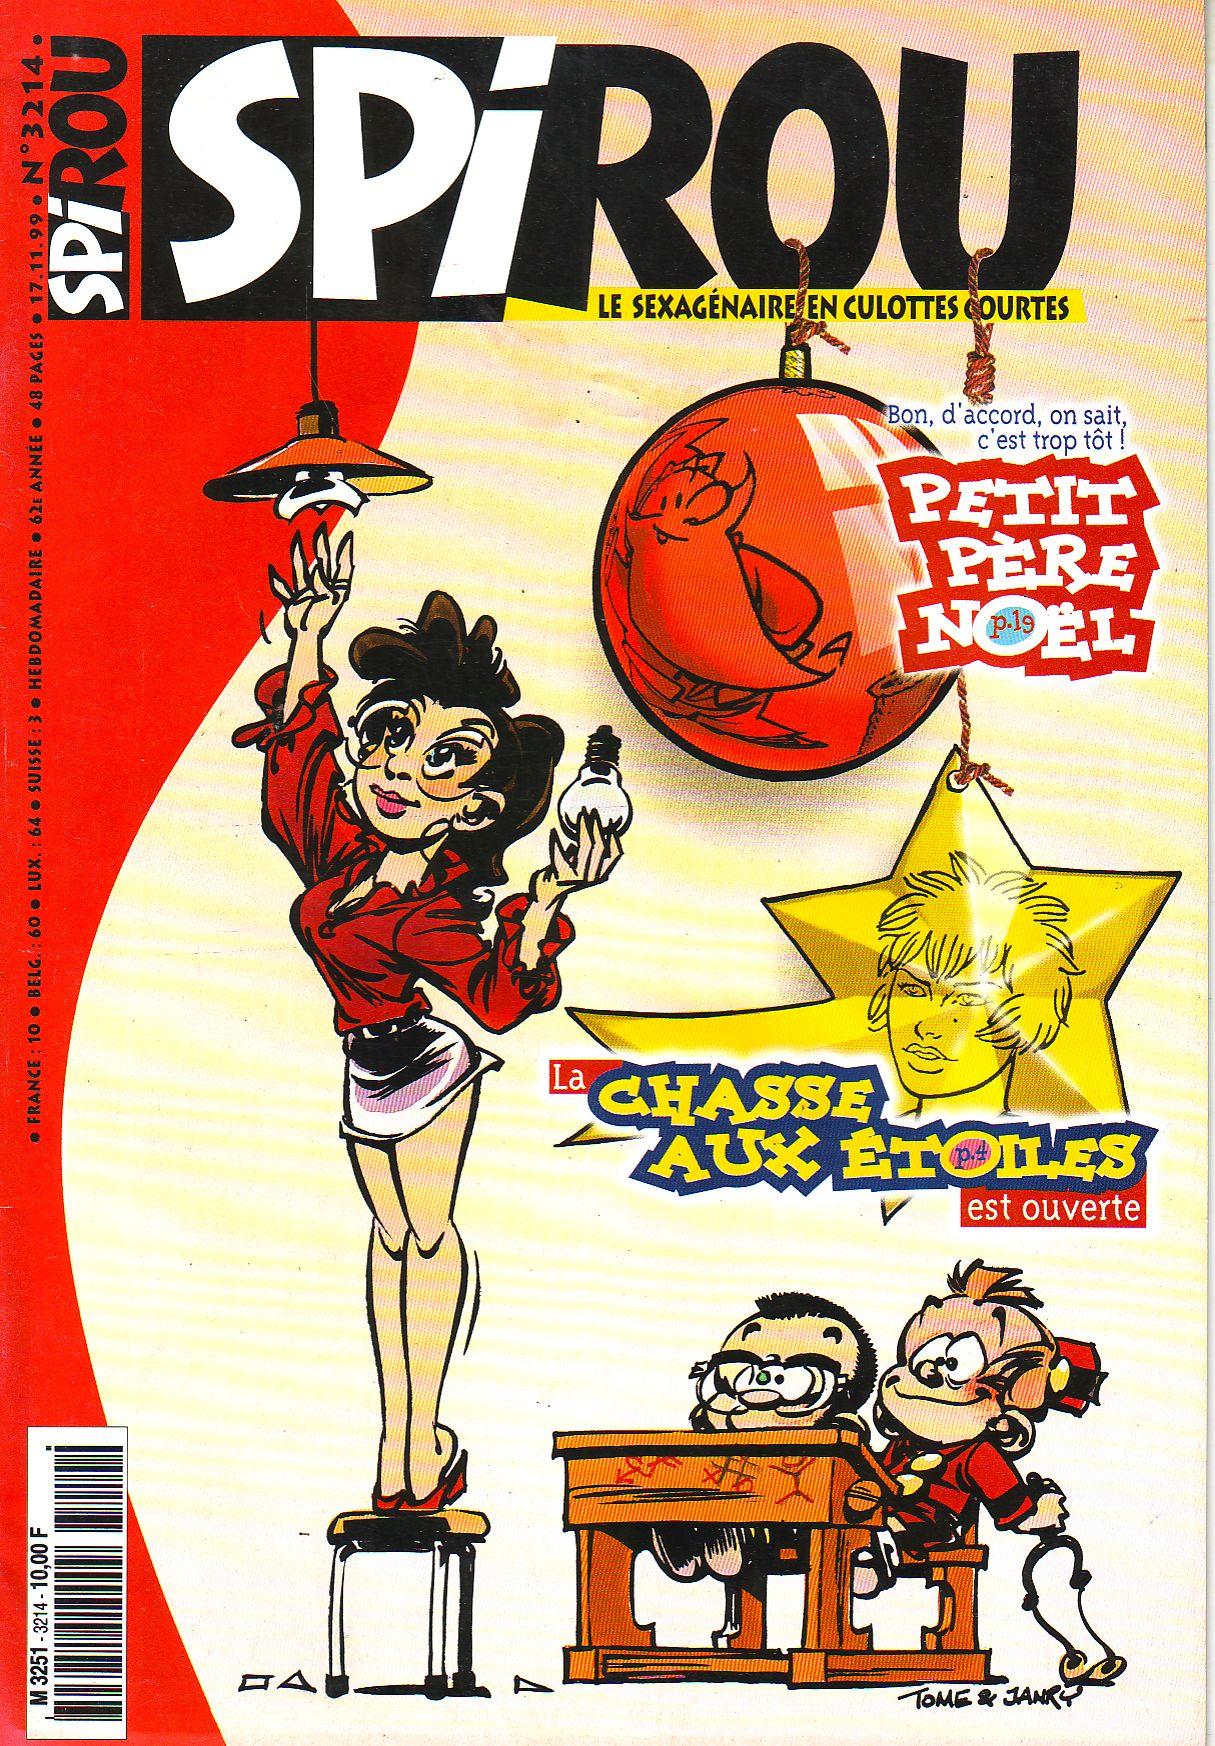 Le journal de Spirou 3214